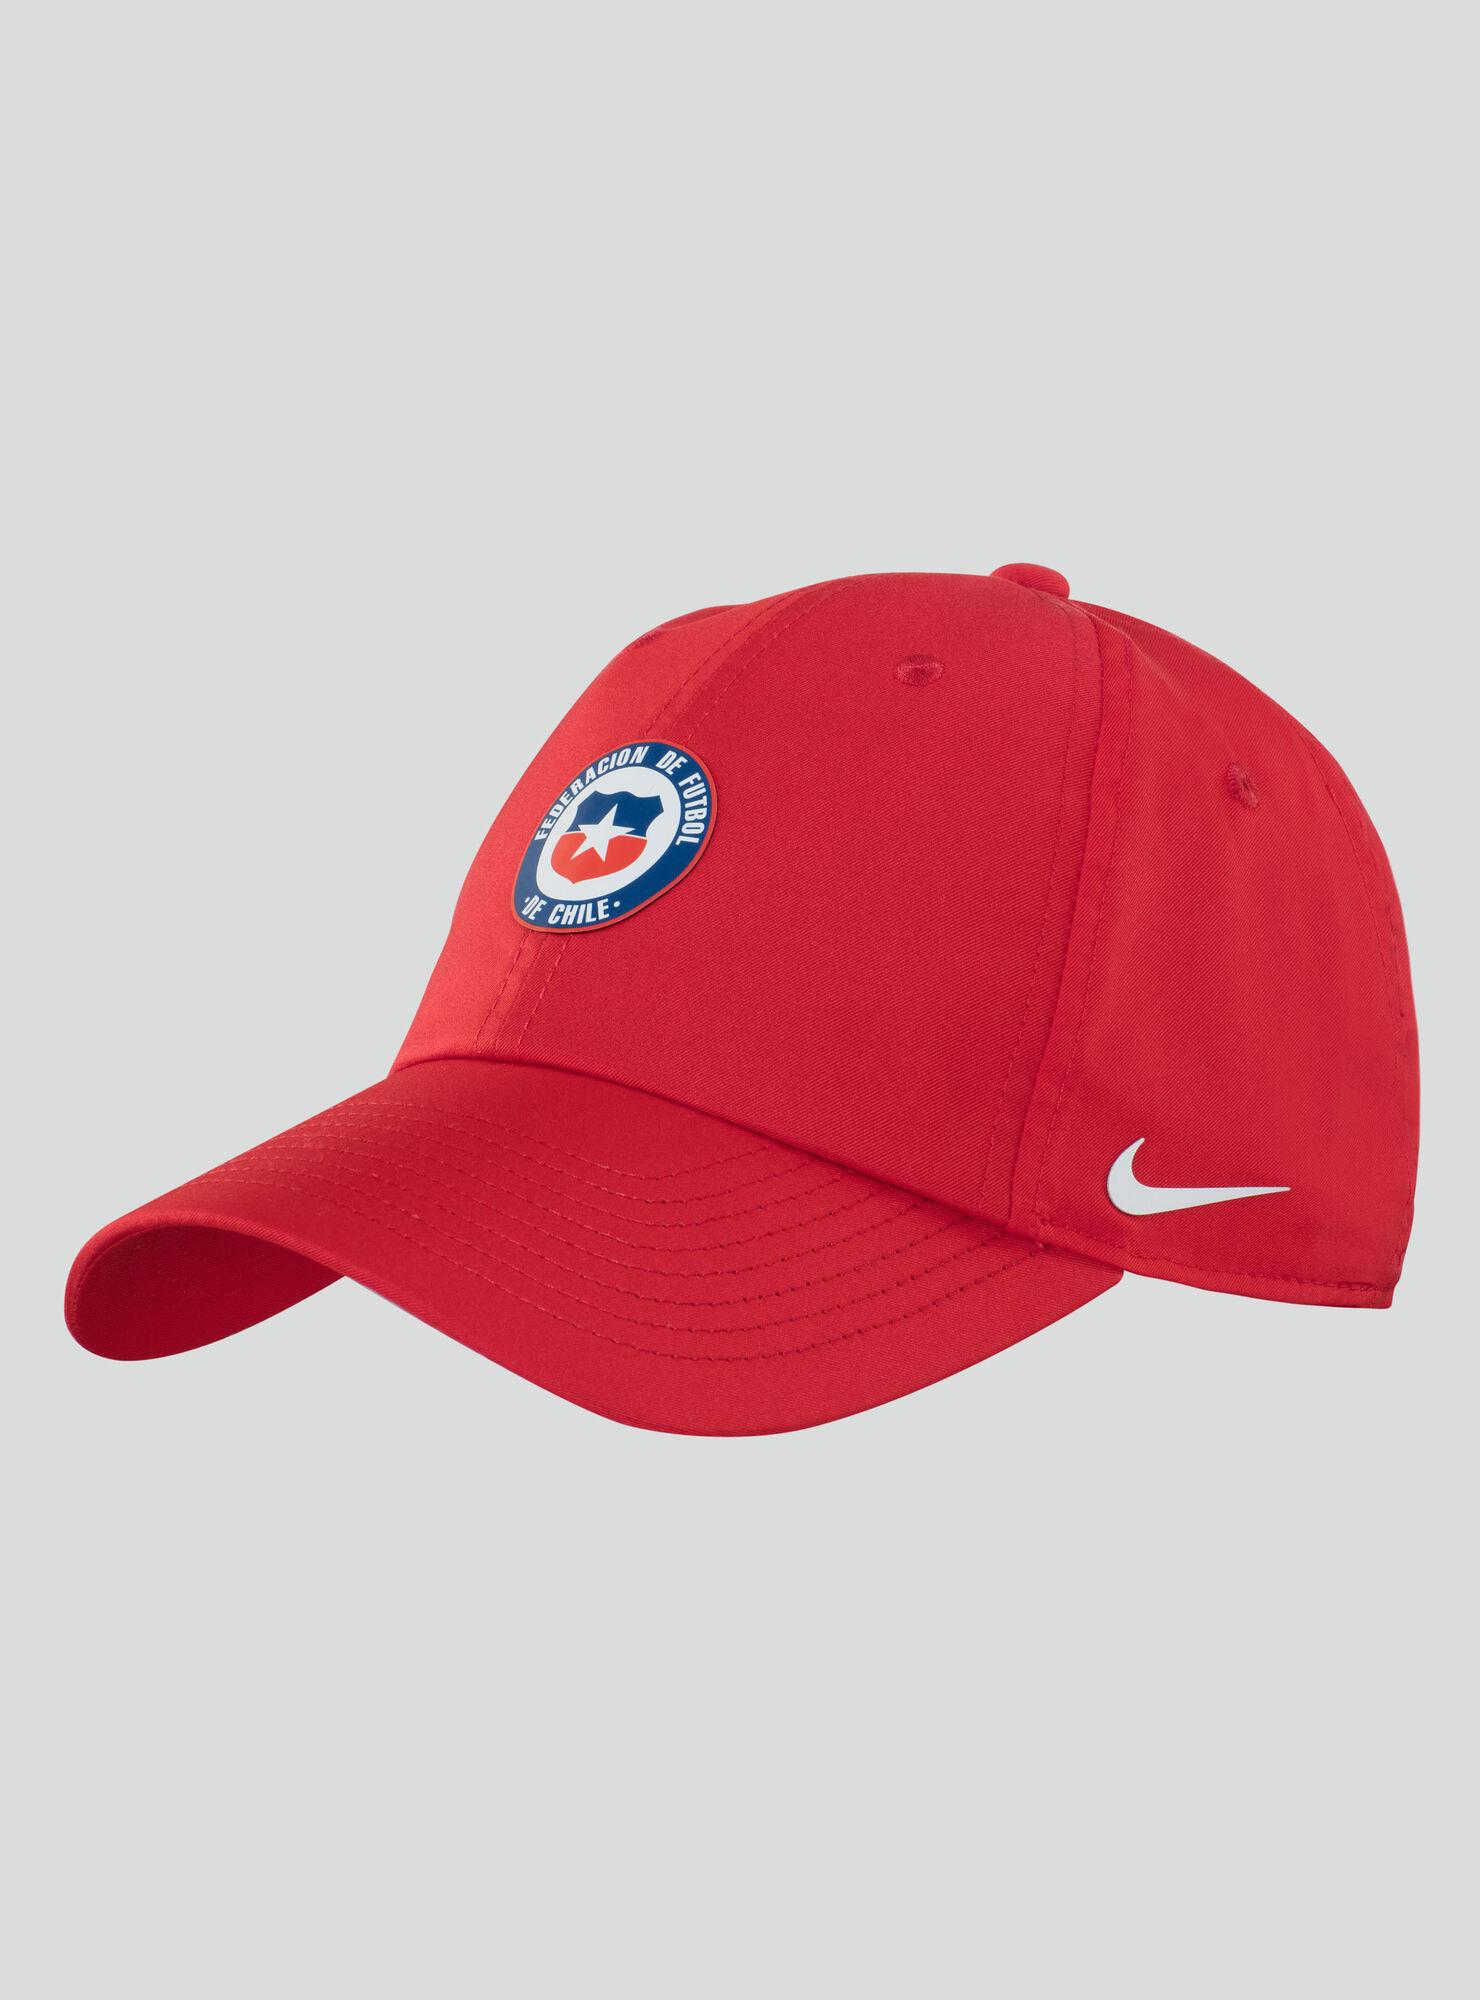 no pagado Arco iris finalizando  Jockey Nike Chile Heritage86 Rojo Hombre - Sombreros y Gorros | Paris.cl